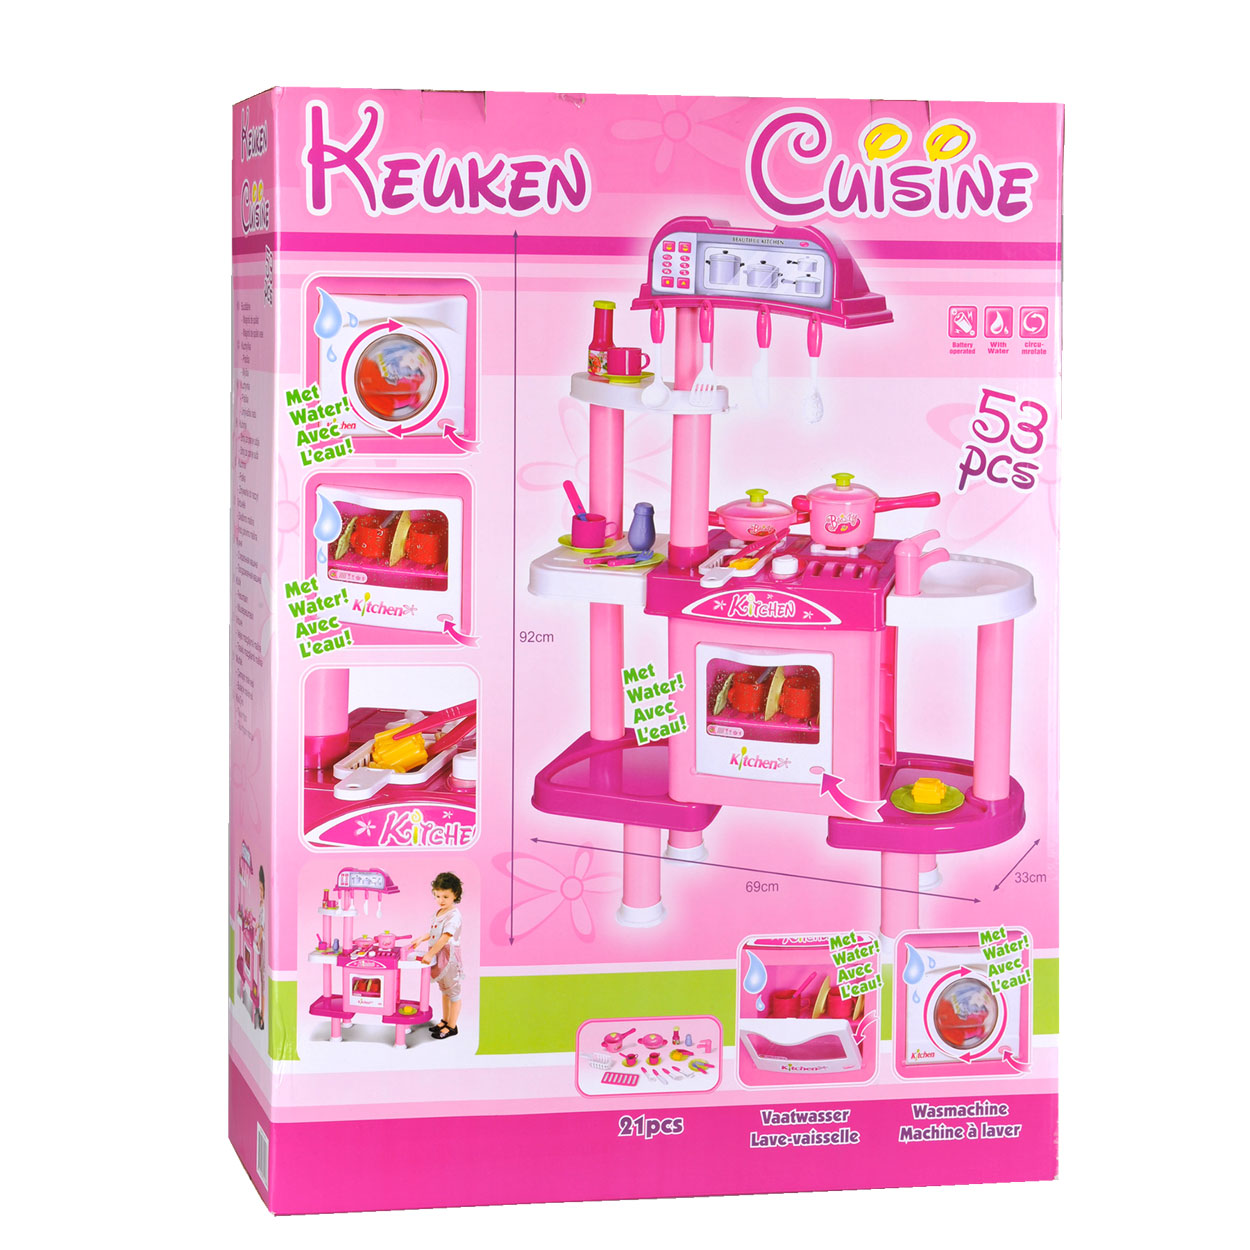 Keuken Accessoires Speelgoed : Keuken Roze Met Accessoires online kopen Lobbes.nl